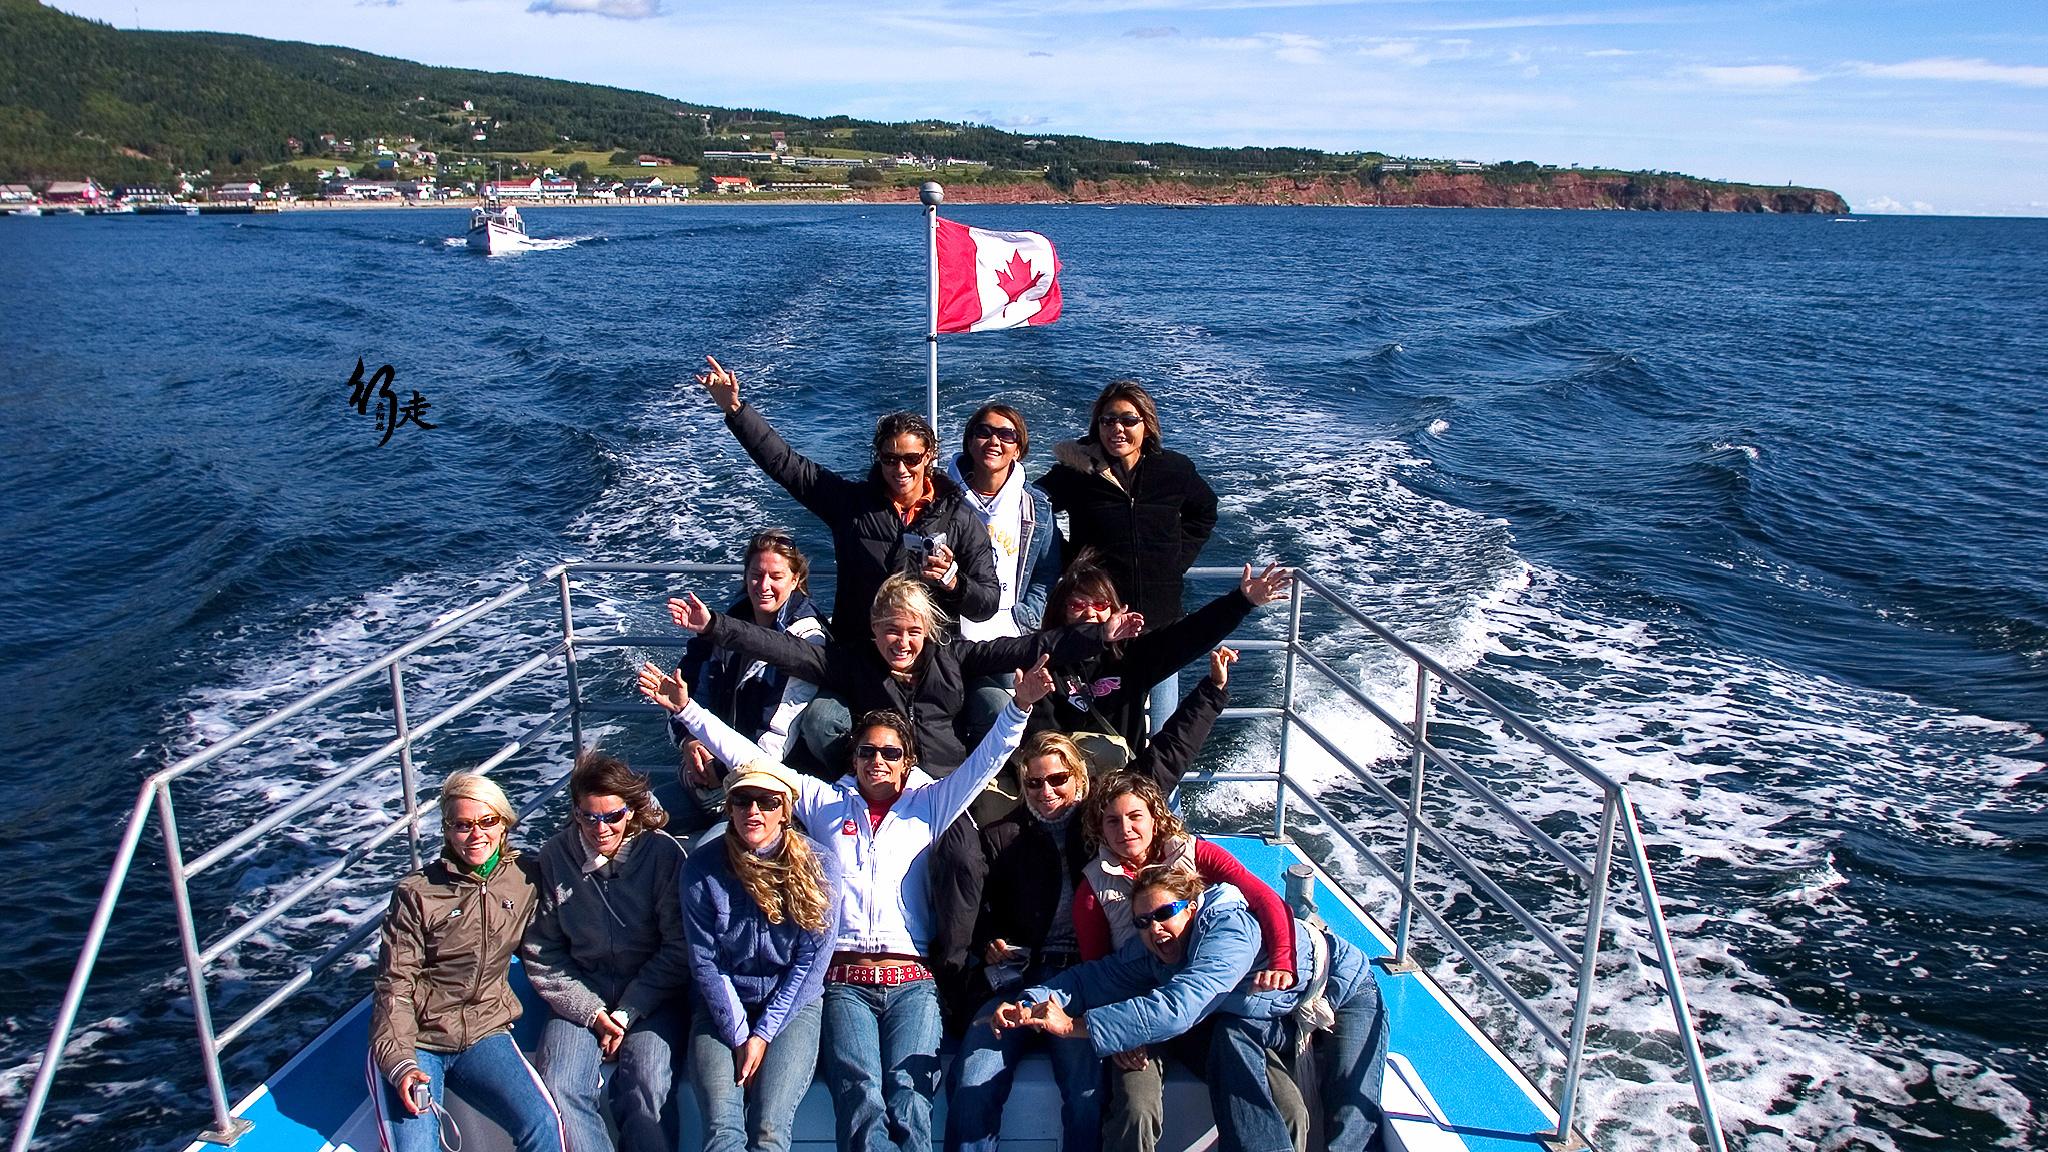 全球唯一纯白人岛:欧洲沉船后裔组建拒绝与其